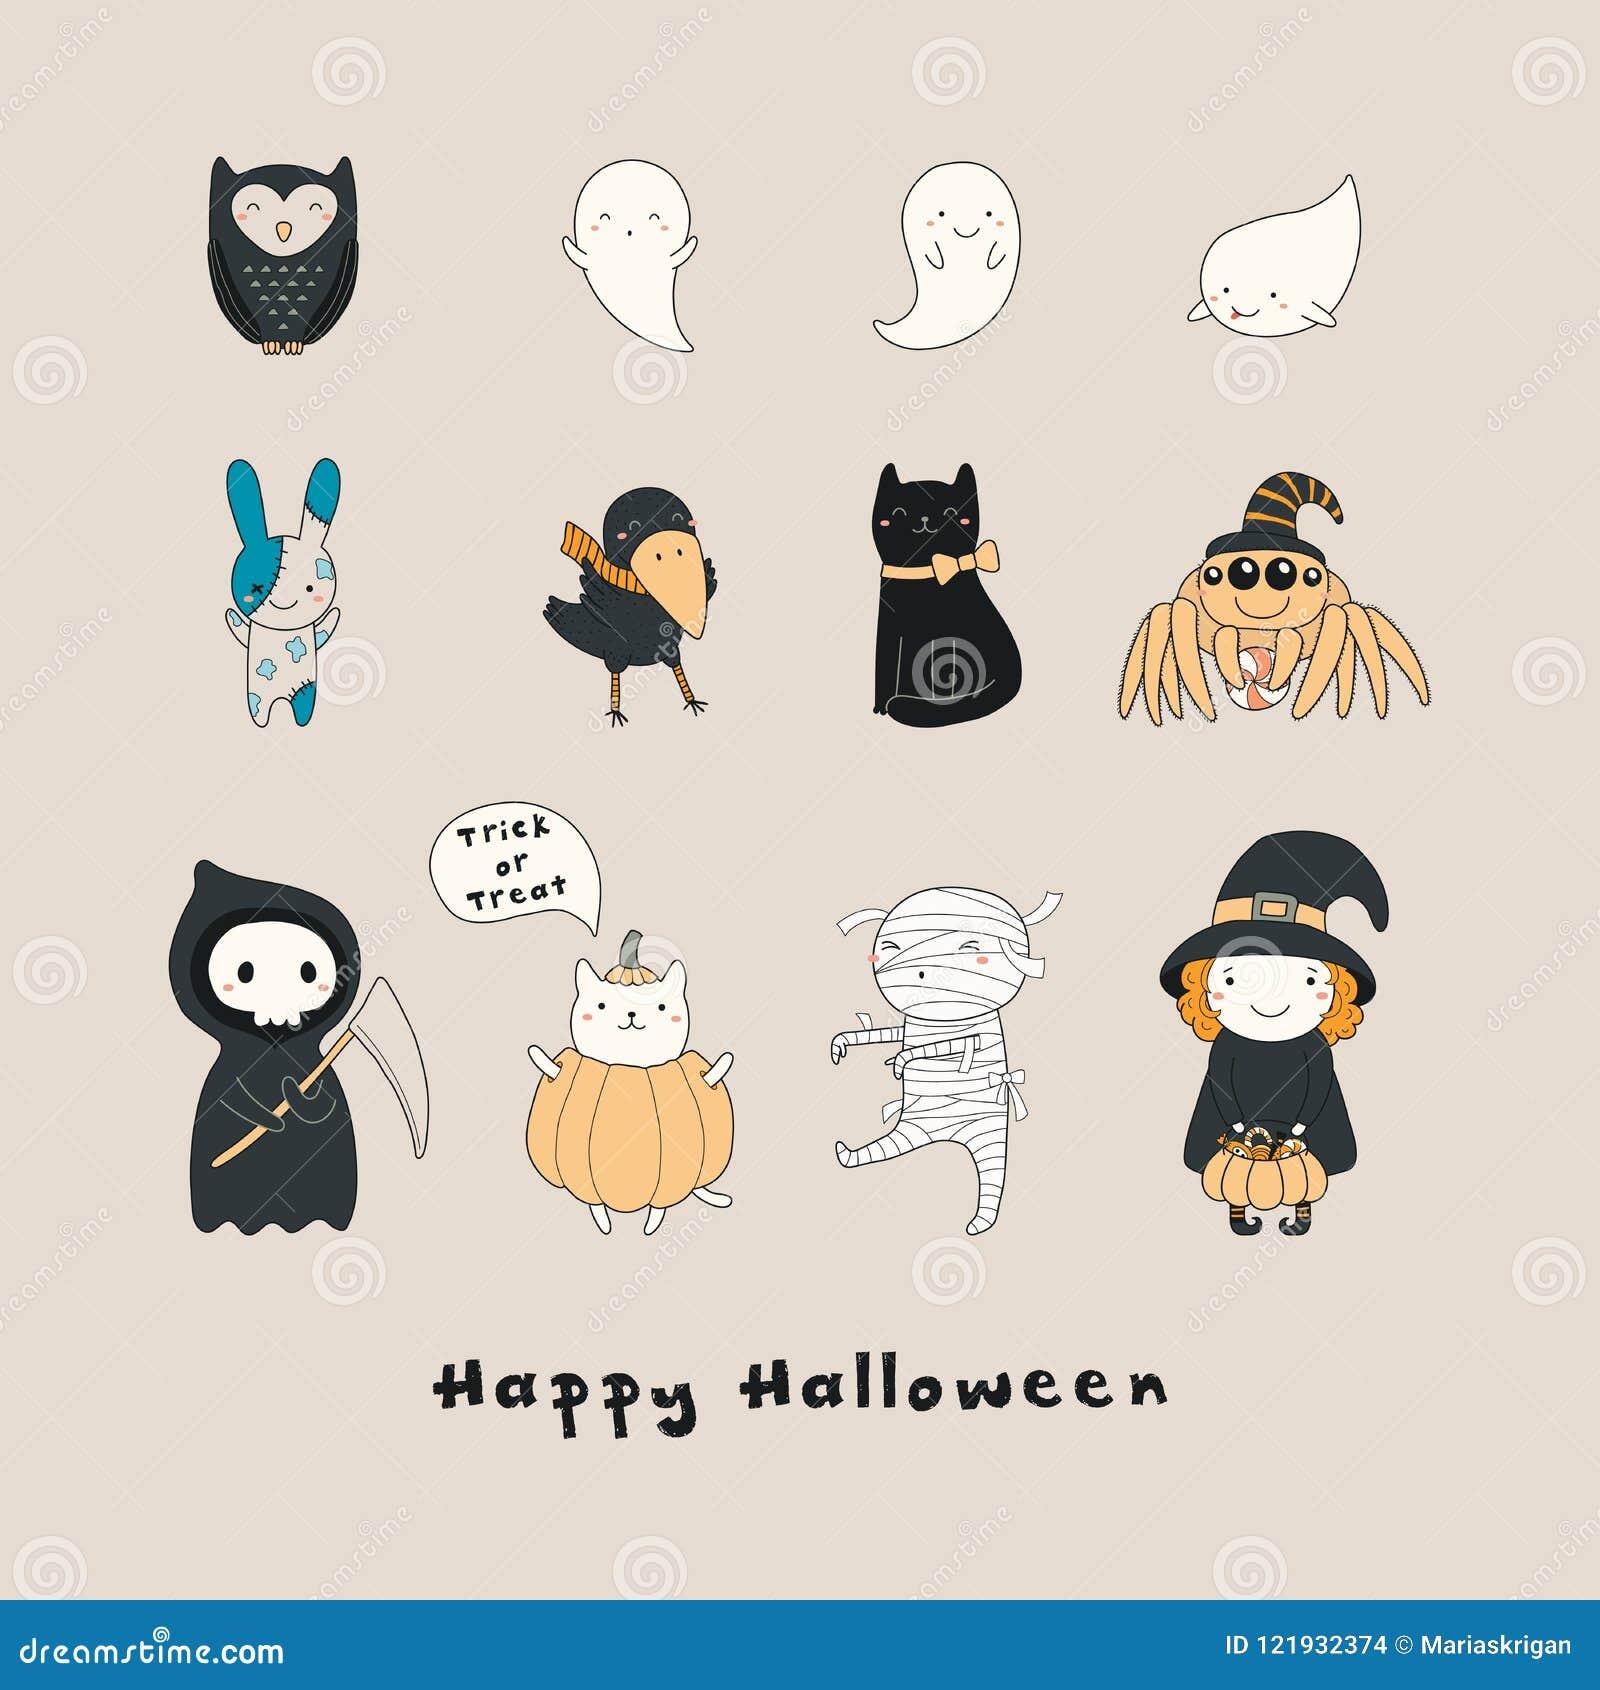 Kawaii Halloween characters